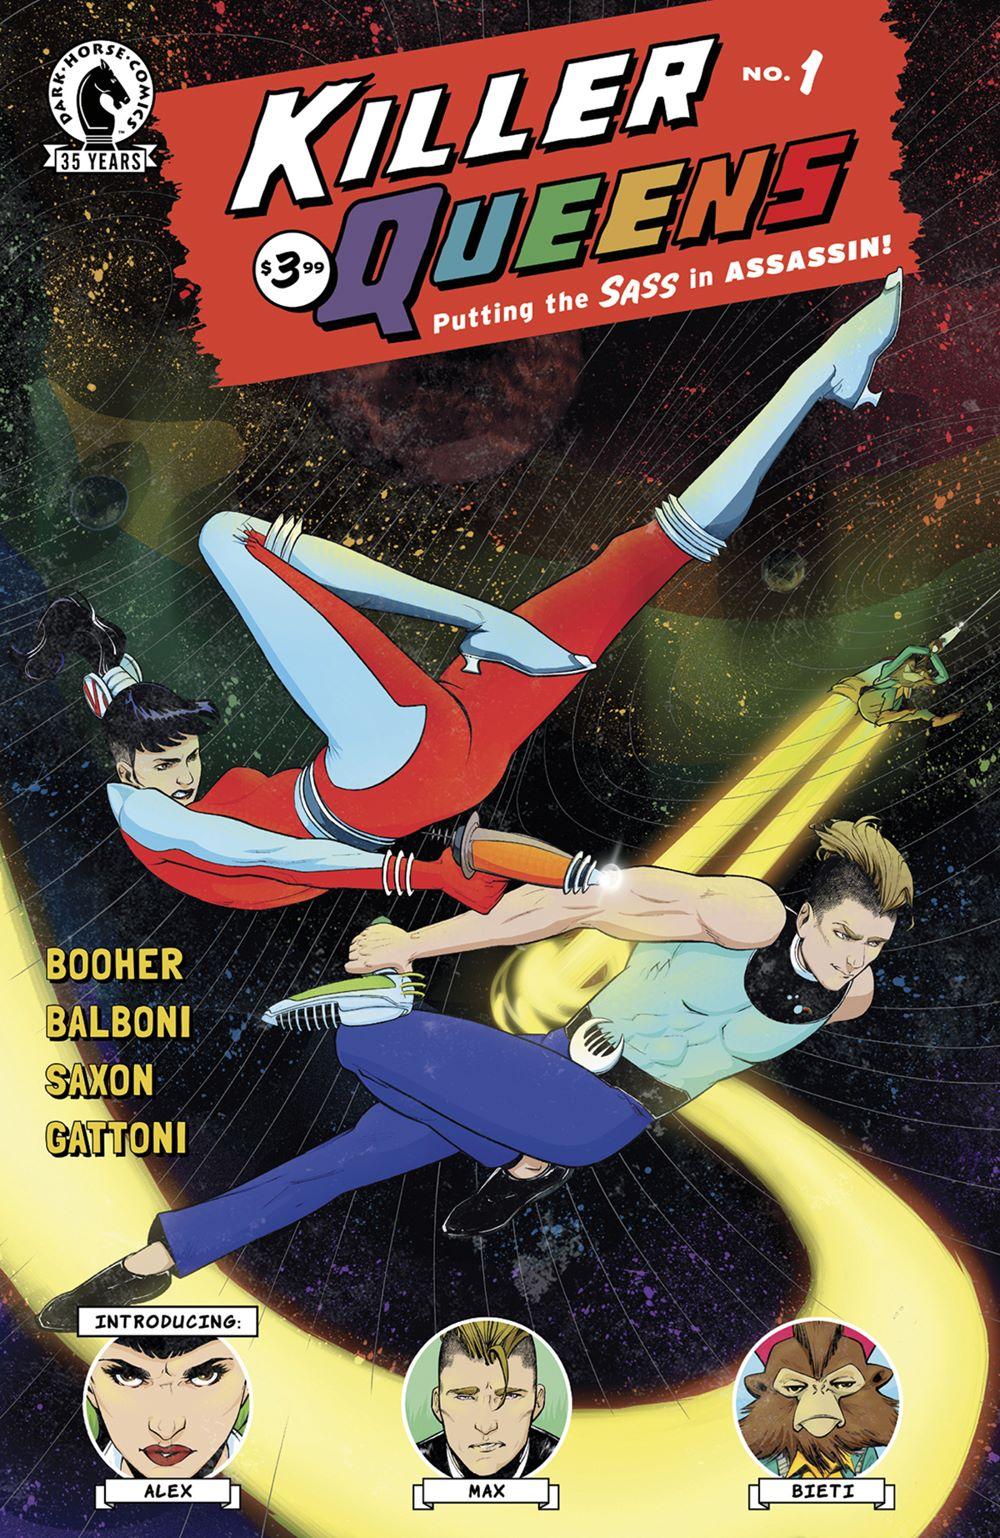 KQNS_i1_CVR-A_CVR_4x6_SOL-3 Dark Horse Comics August 2021 Solicitations